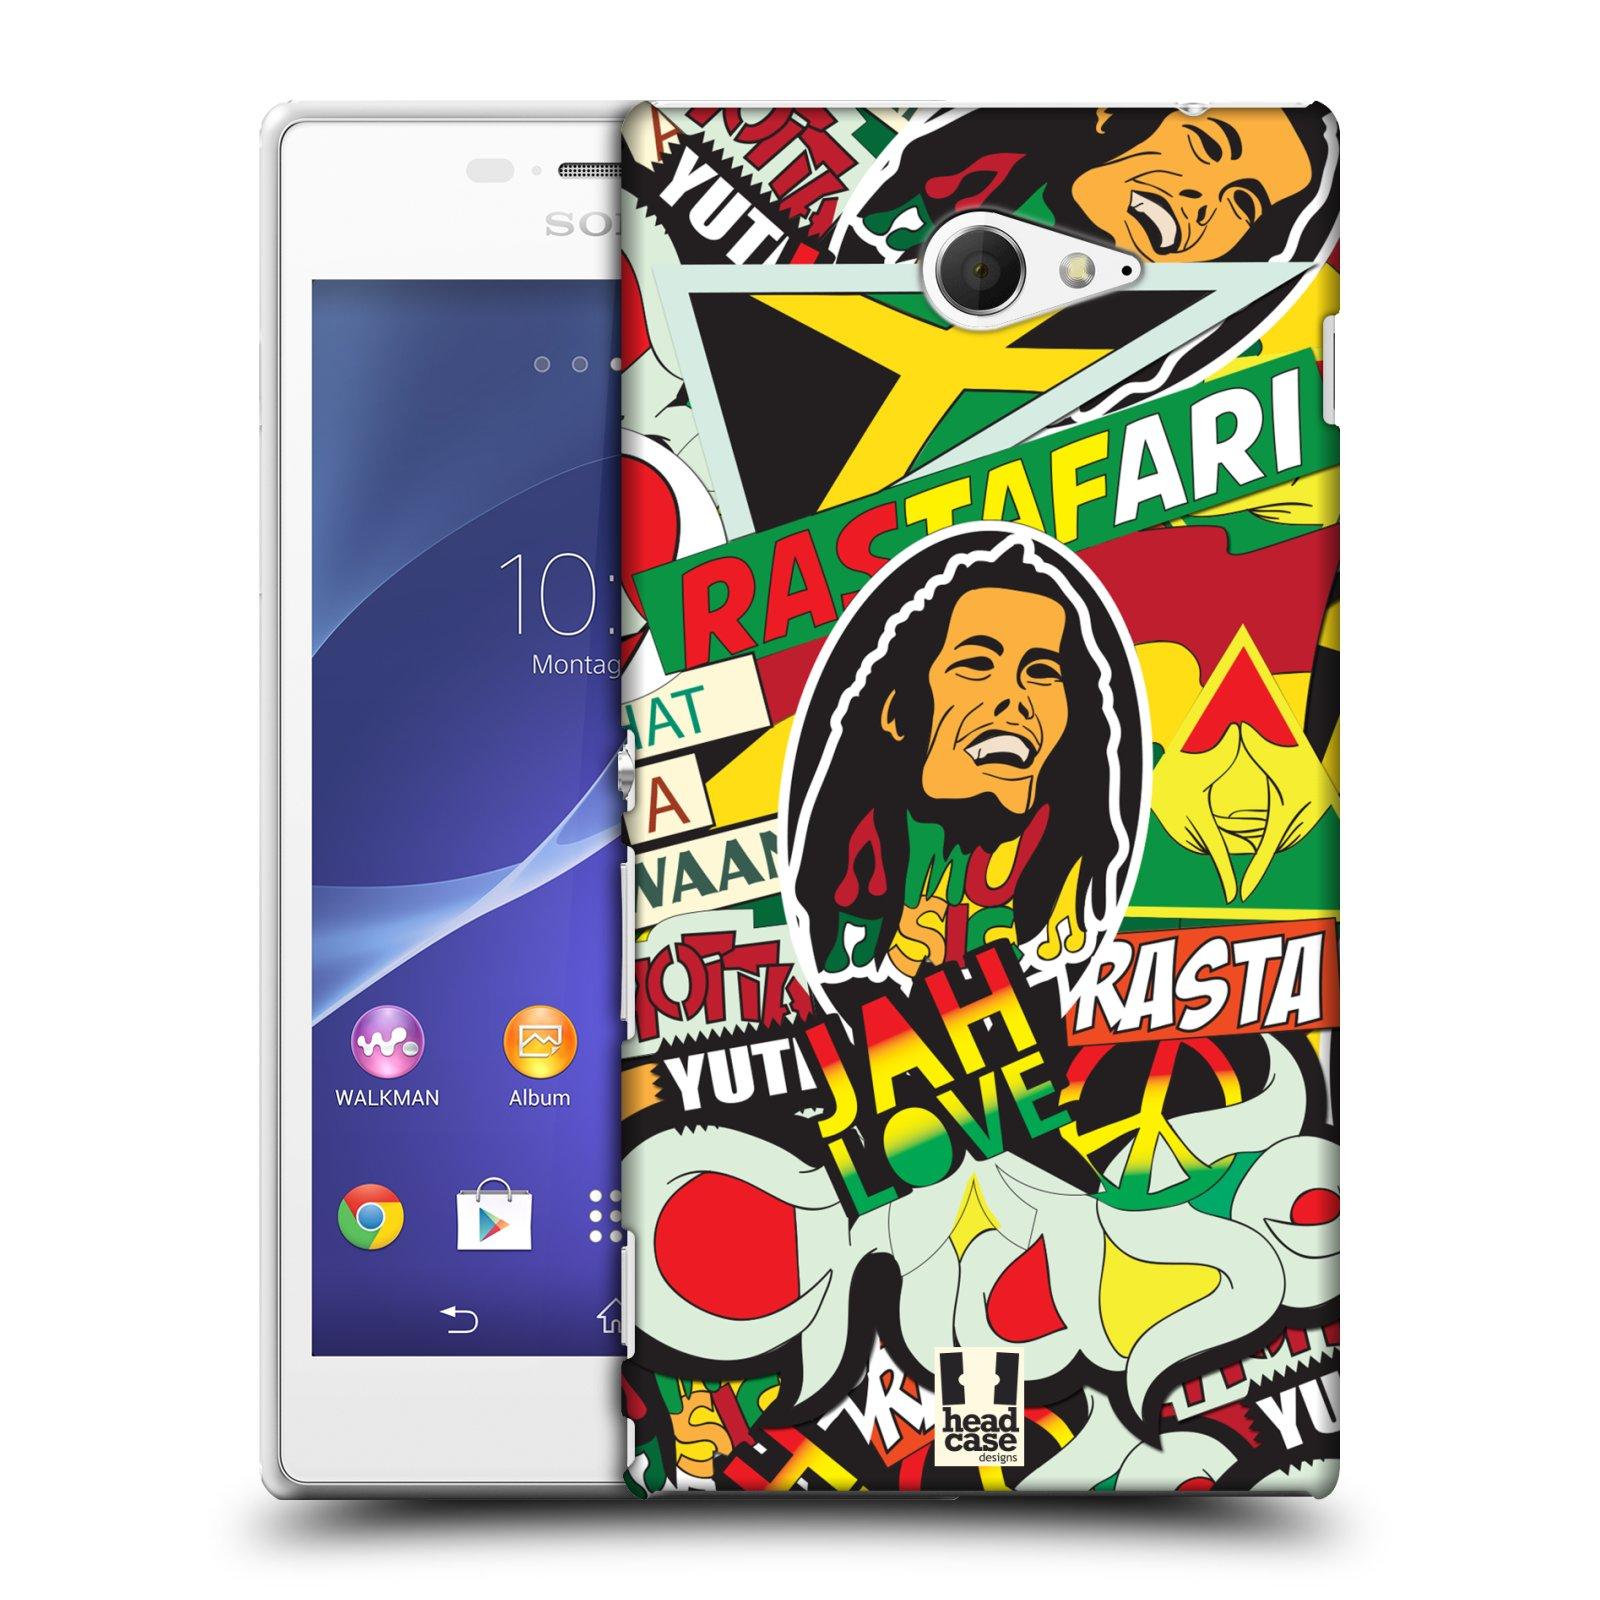 Plastové pouzdro na mobil Sony Xperia M2 D2303 HEAD CASE RASTA (Kryt či obal na mobilní telefon Sony Xperia M2 )